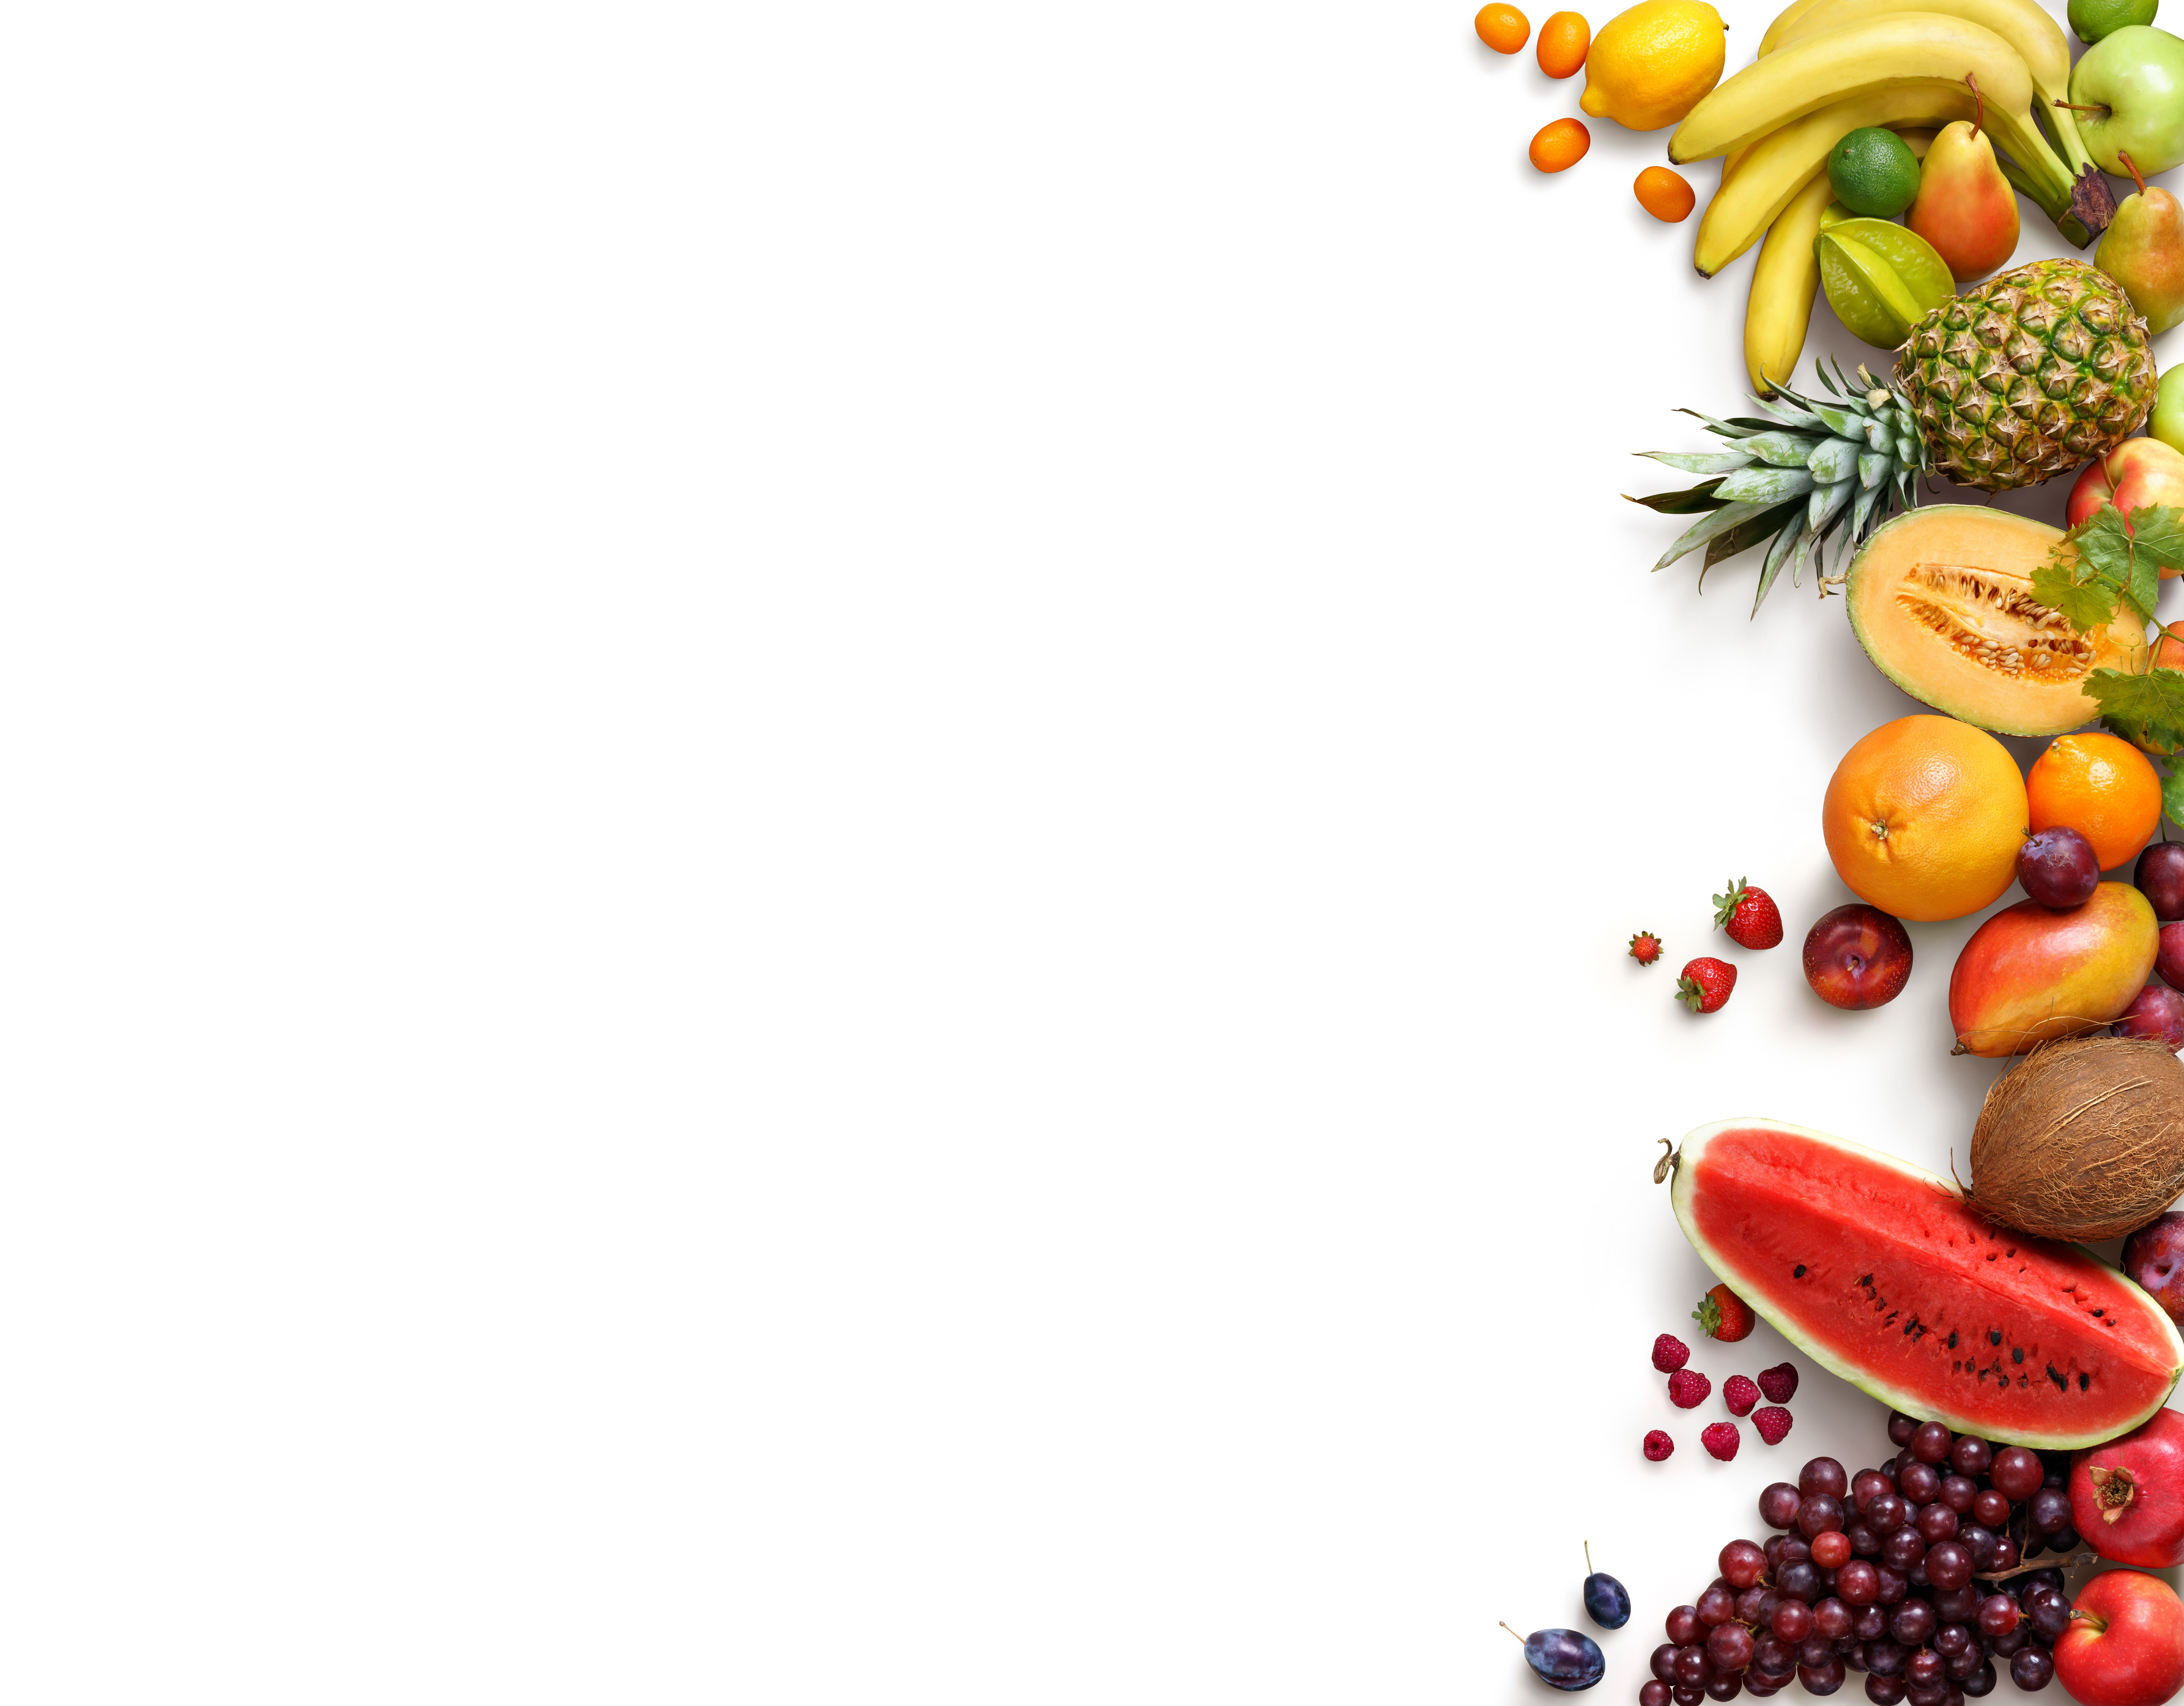 healthy fruits background savon foods